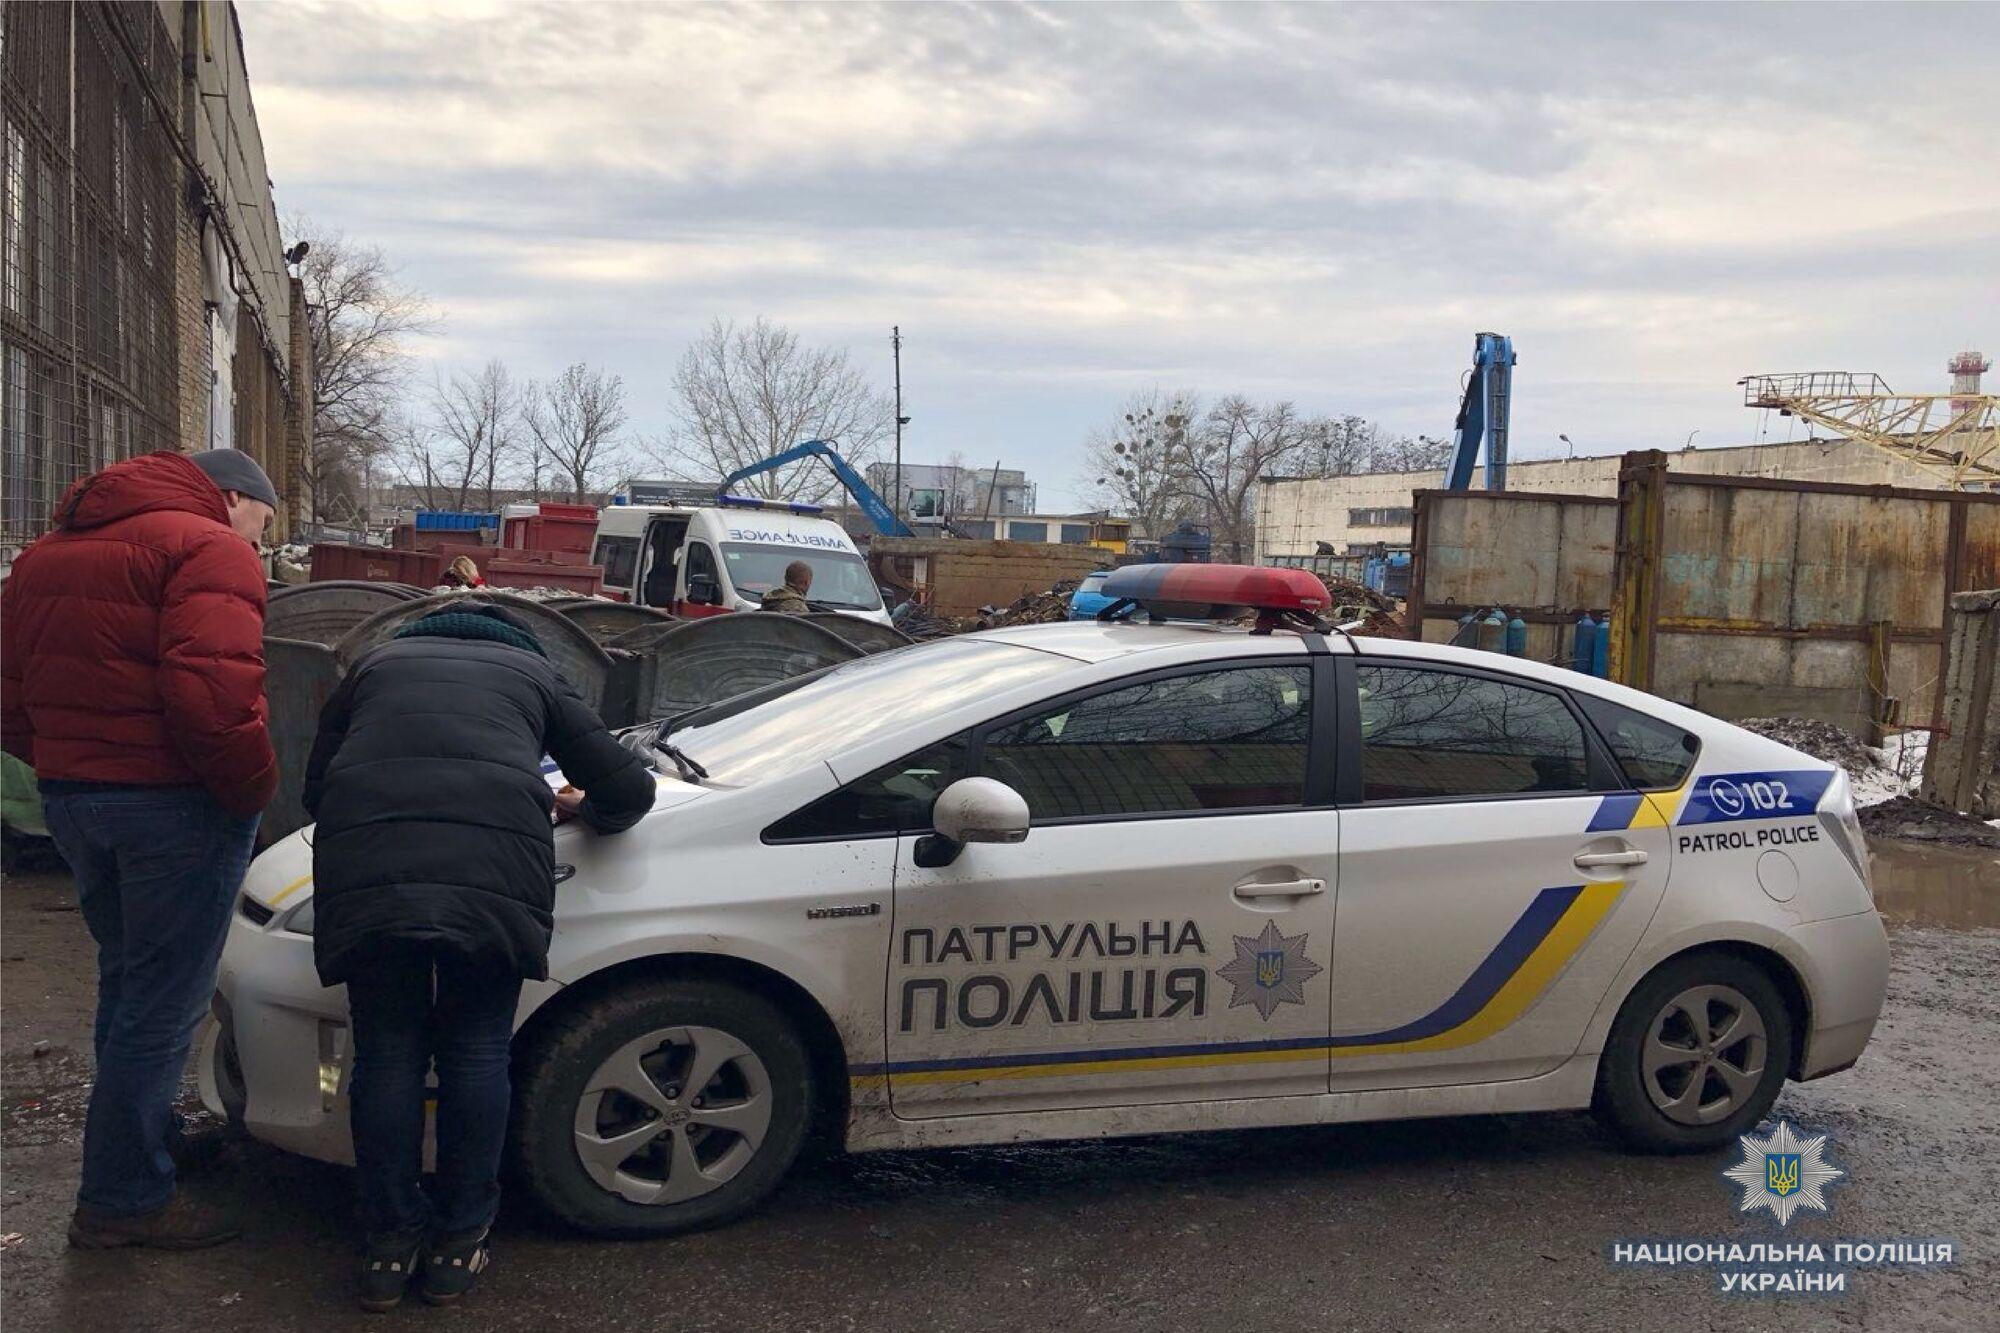 В Киеве нашли тело младенцав мусорном контейнере